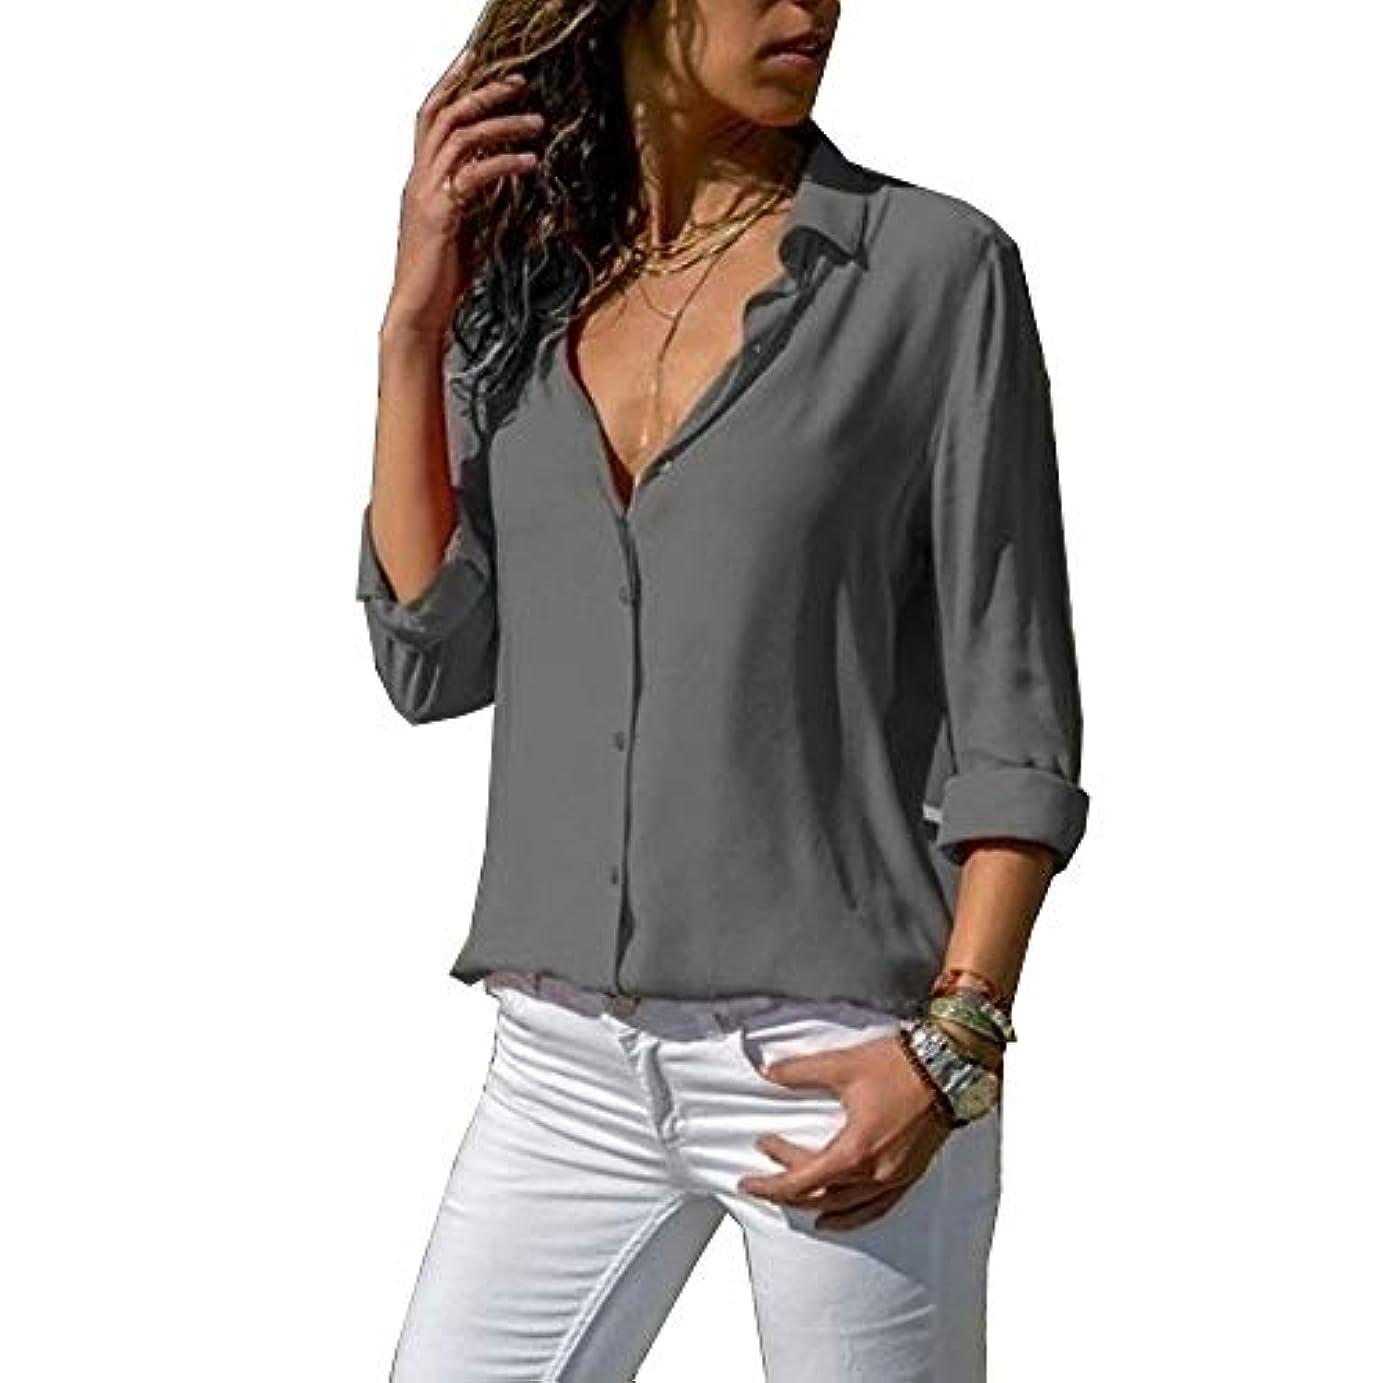 標準休み資格MIFAN ルーズシャツ、トップス&Tシャツ、プラスサイズ、トップス&ブラウス、シフォンブラウス、女性トップス、シフォンシャツ